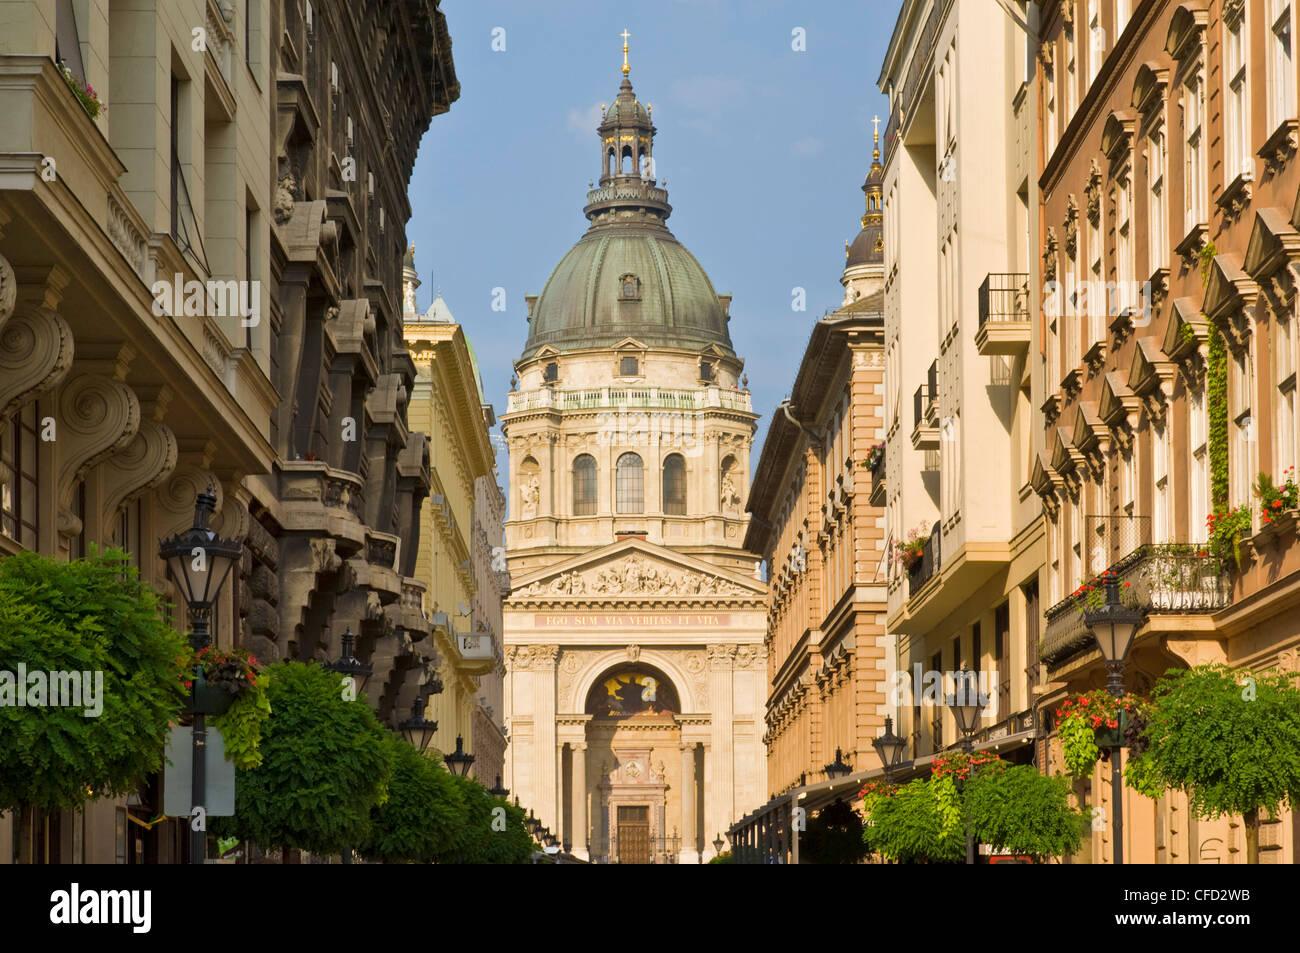 Le dôme de style néo-renaissance de la basilique Saint-Étienne, commerces et bâtiments de la Photo Stock